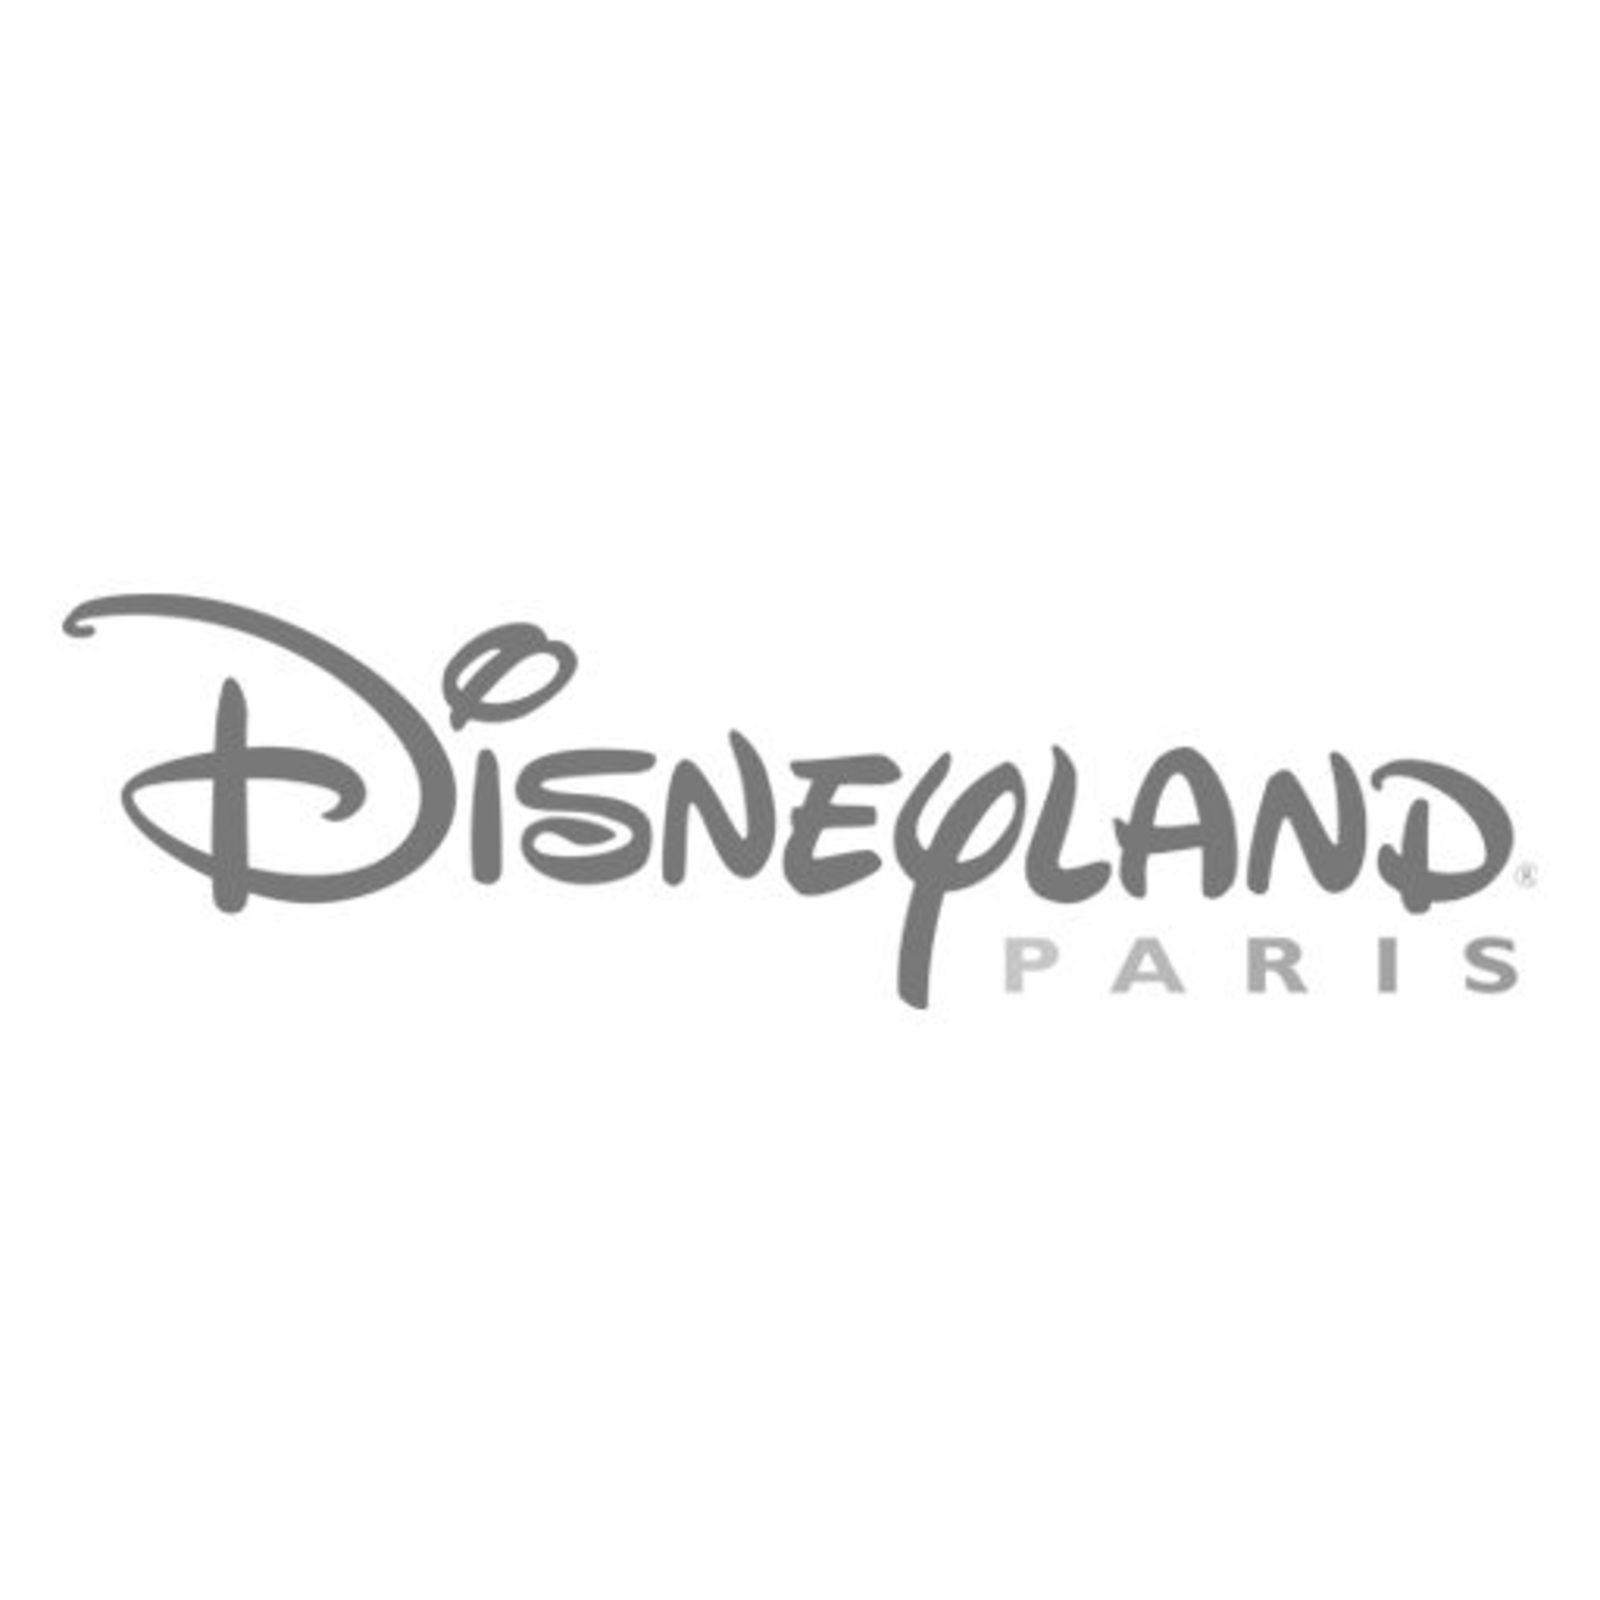 Călătorești la Paris. Ai 15€ reducere la biletul de intrare/persoană și 112€ reducere la bilete/4 persoane.